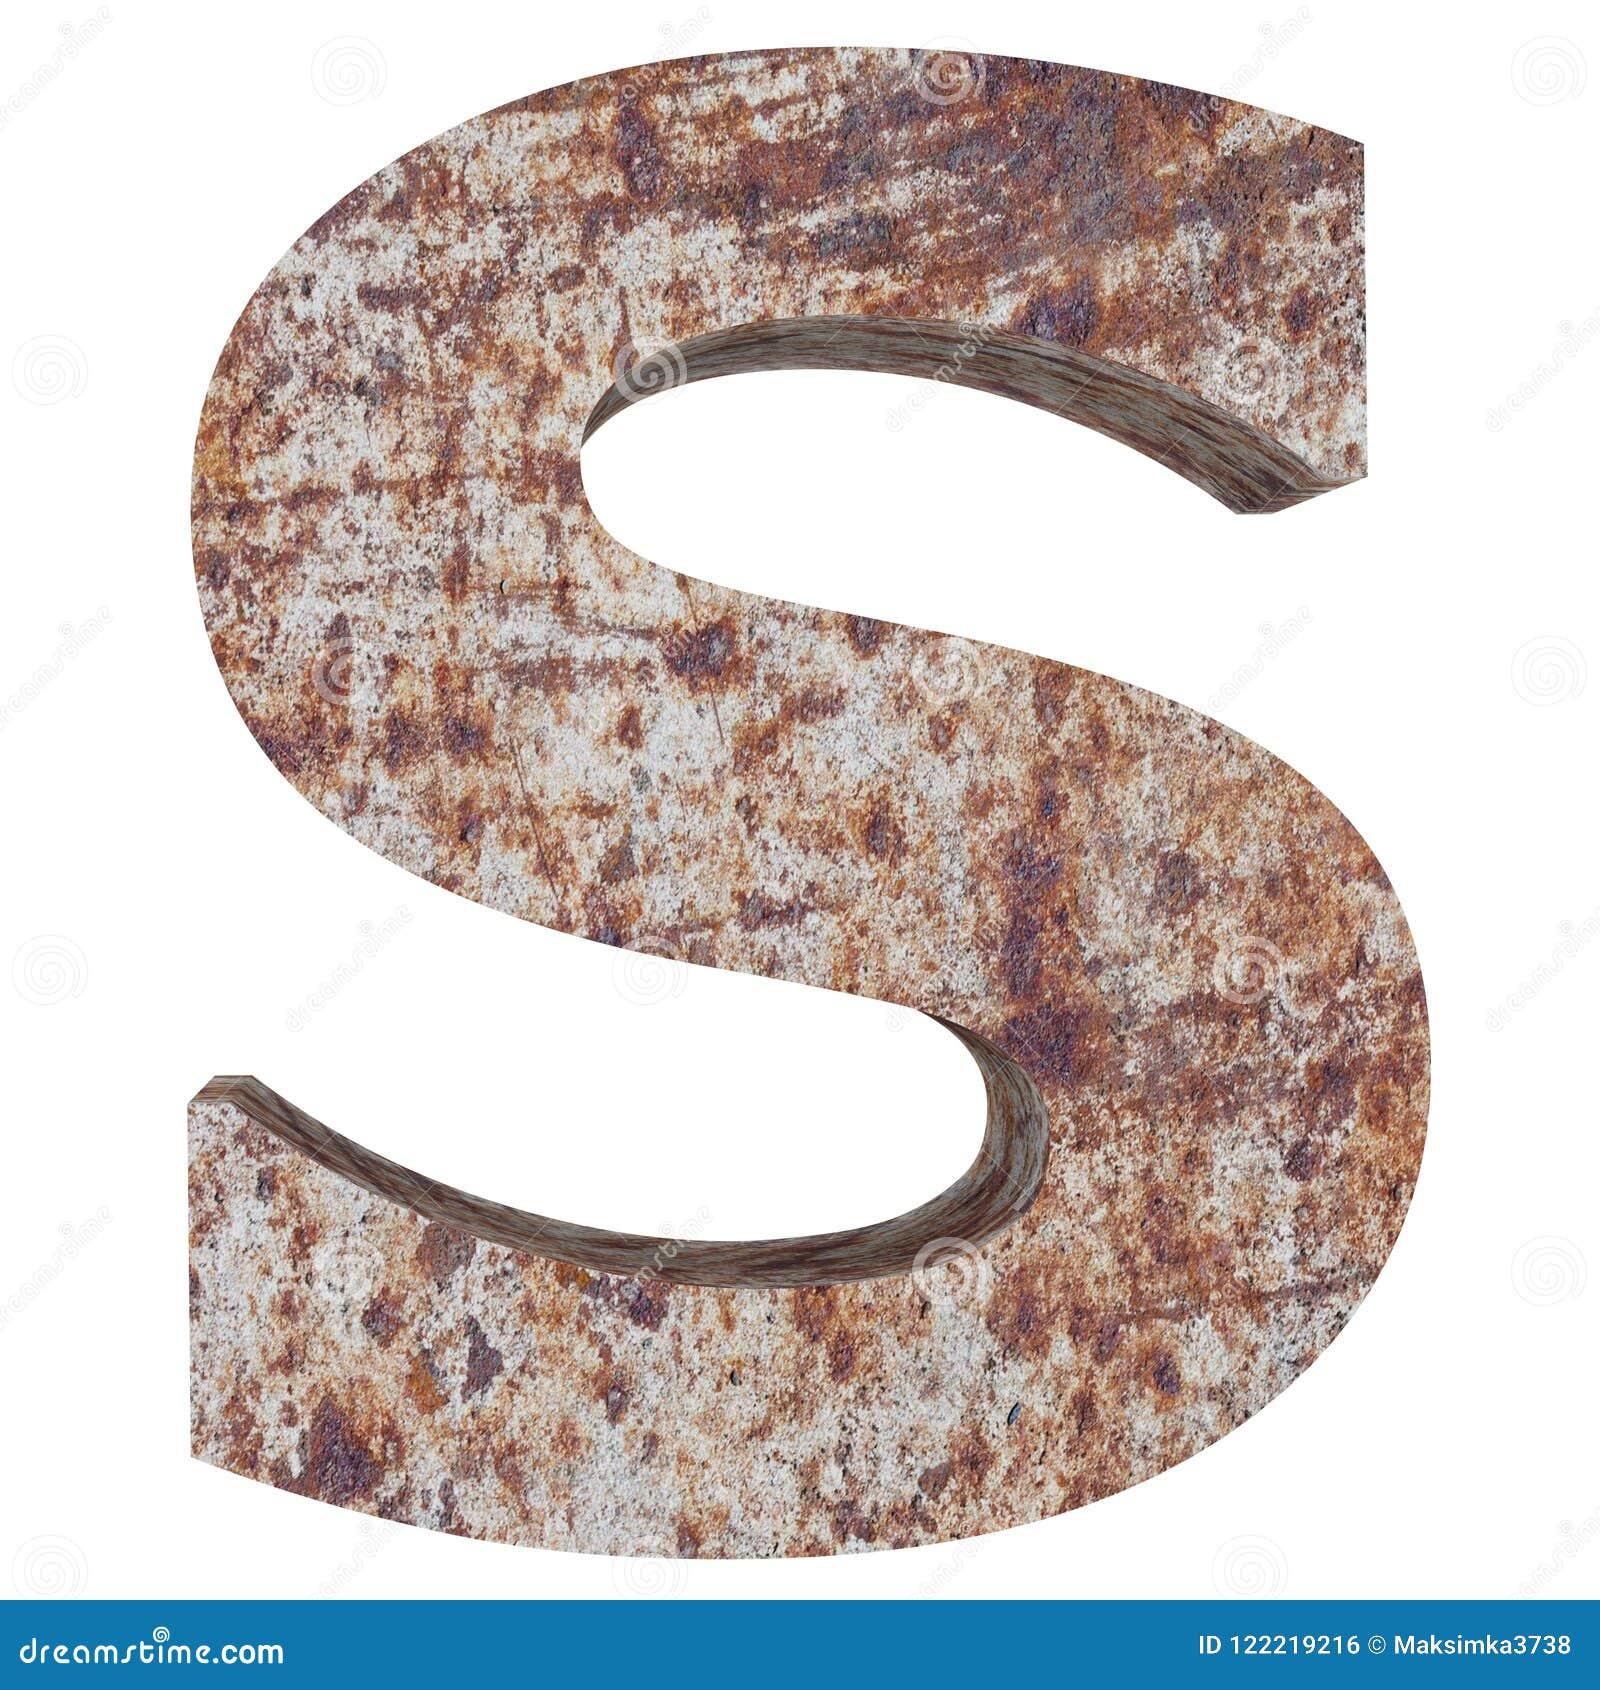 Konceptualny stary rdzewiejący meta kapitałowy list - S, żelaza lub stalowego przemysłu kawałek, odizolowywał białego tło Kształc